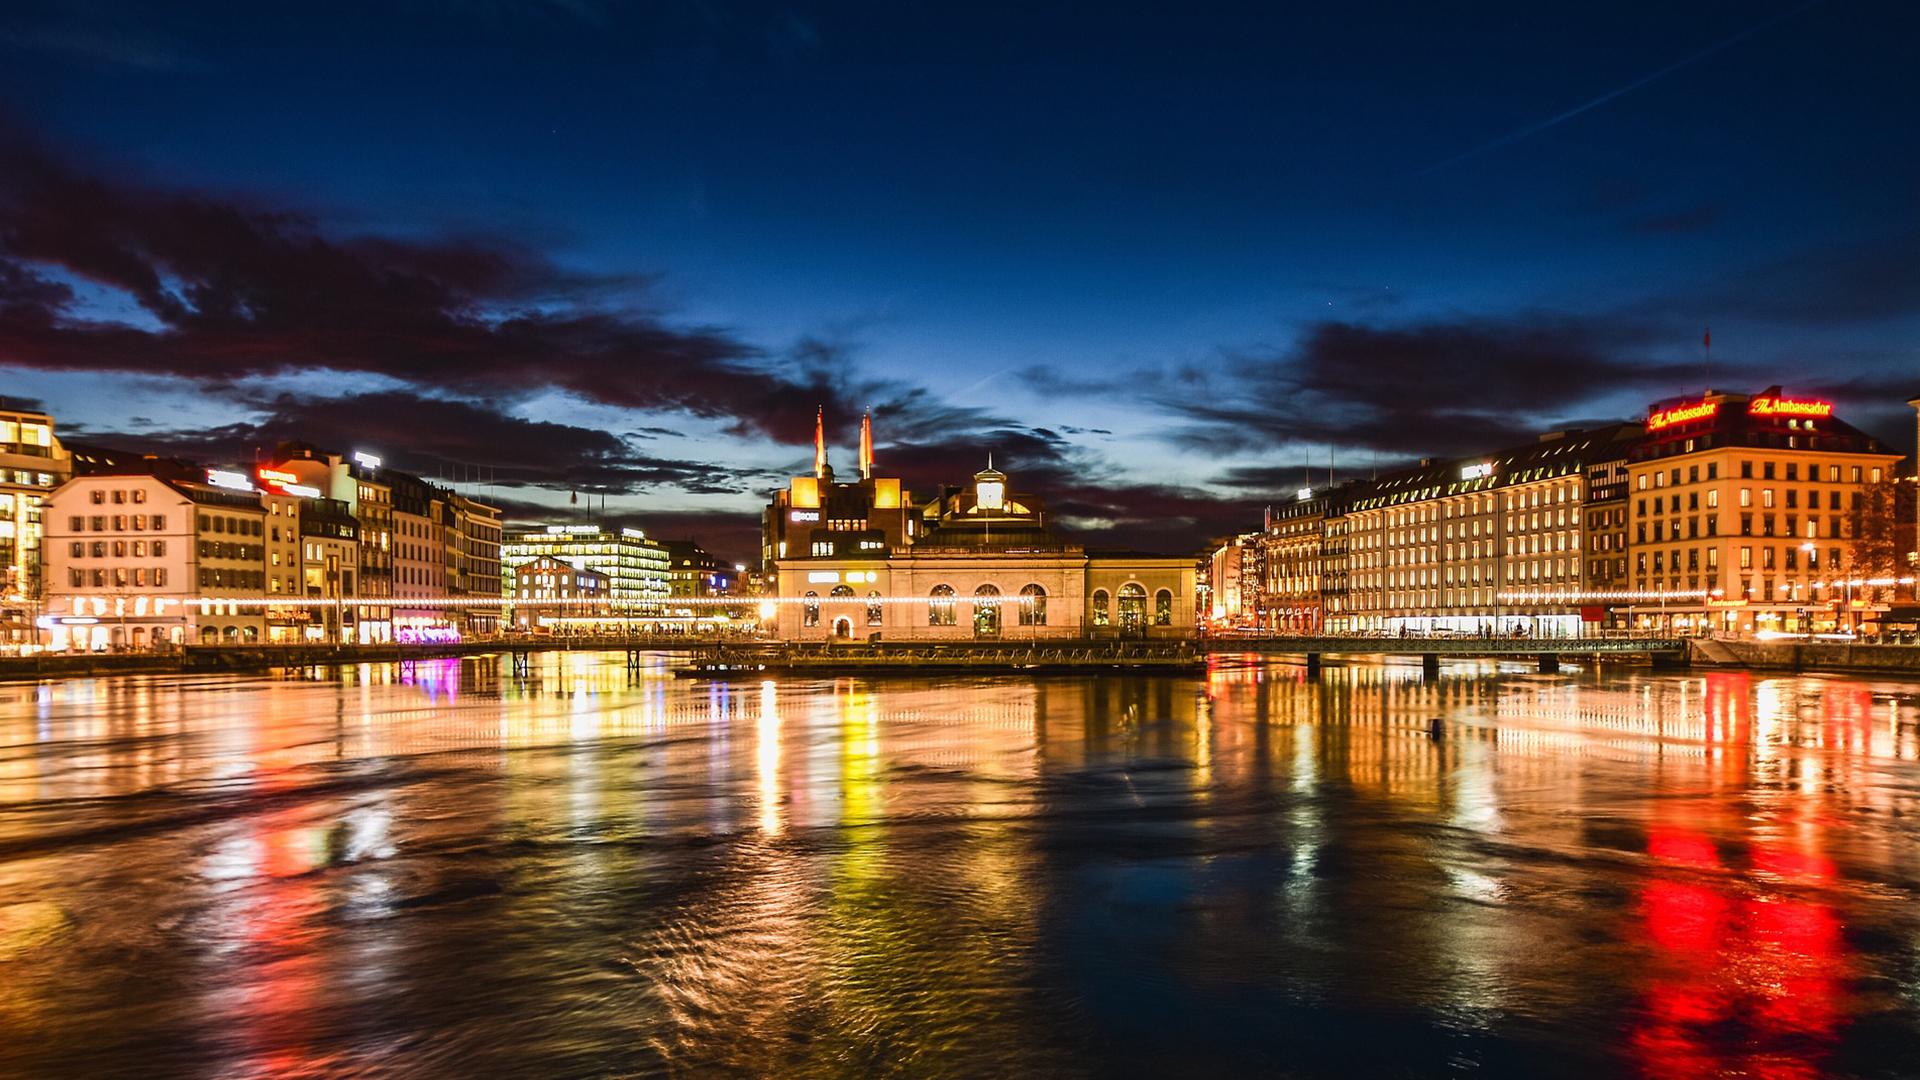 Suiza quiere eliminar las emisiones de CO2 para 2050